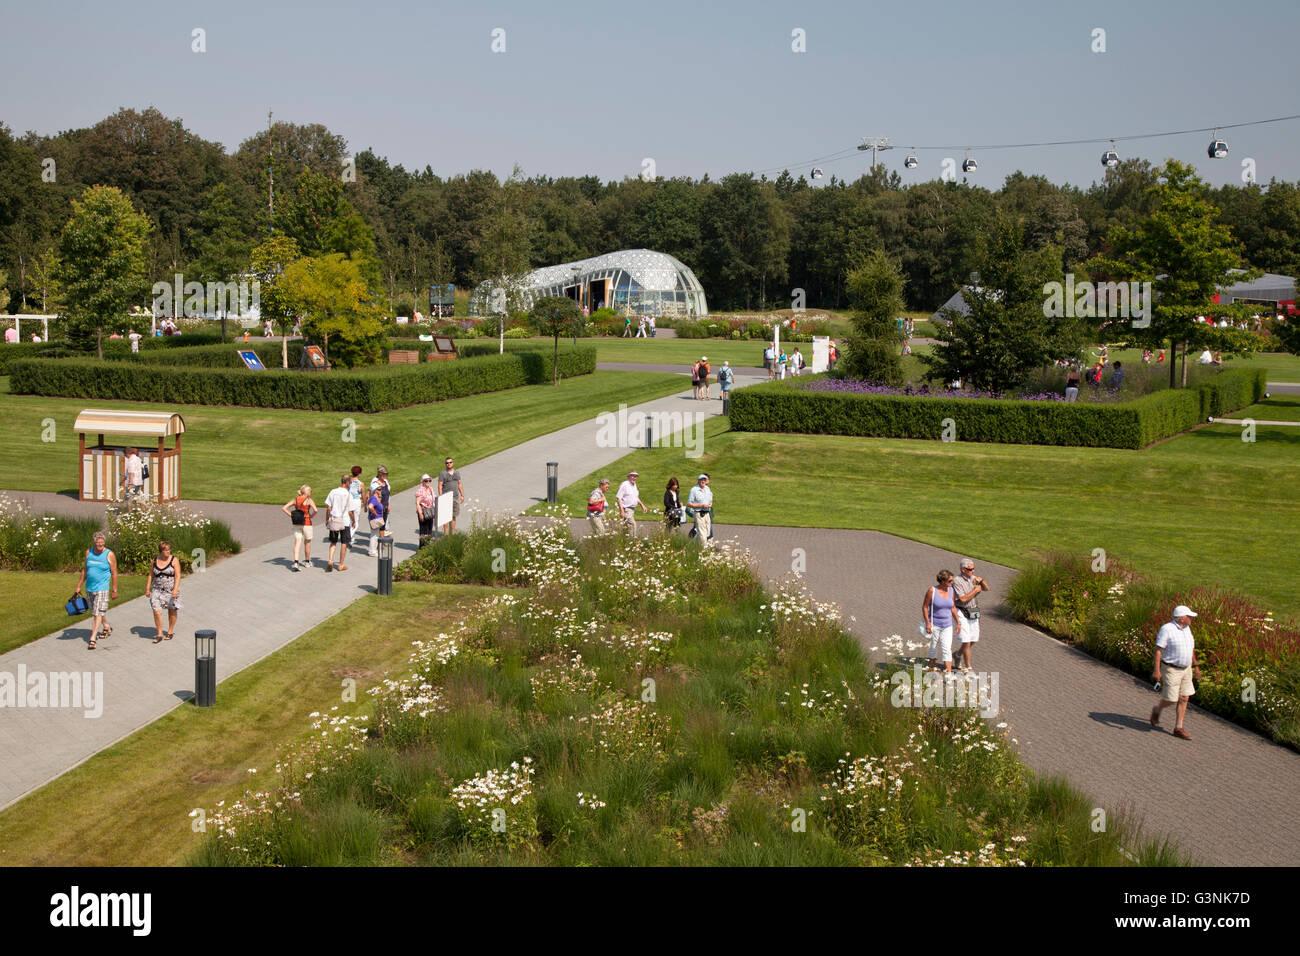 Garden show site, Floriade 2012, Horticultural World Expo, Venlo, Limburg, Netherlands, Europe Stock Photo